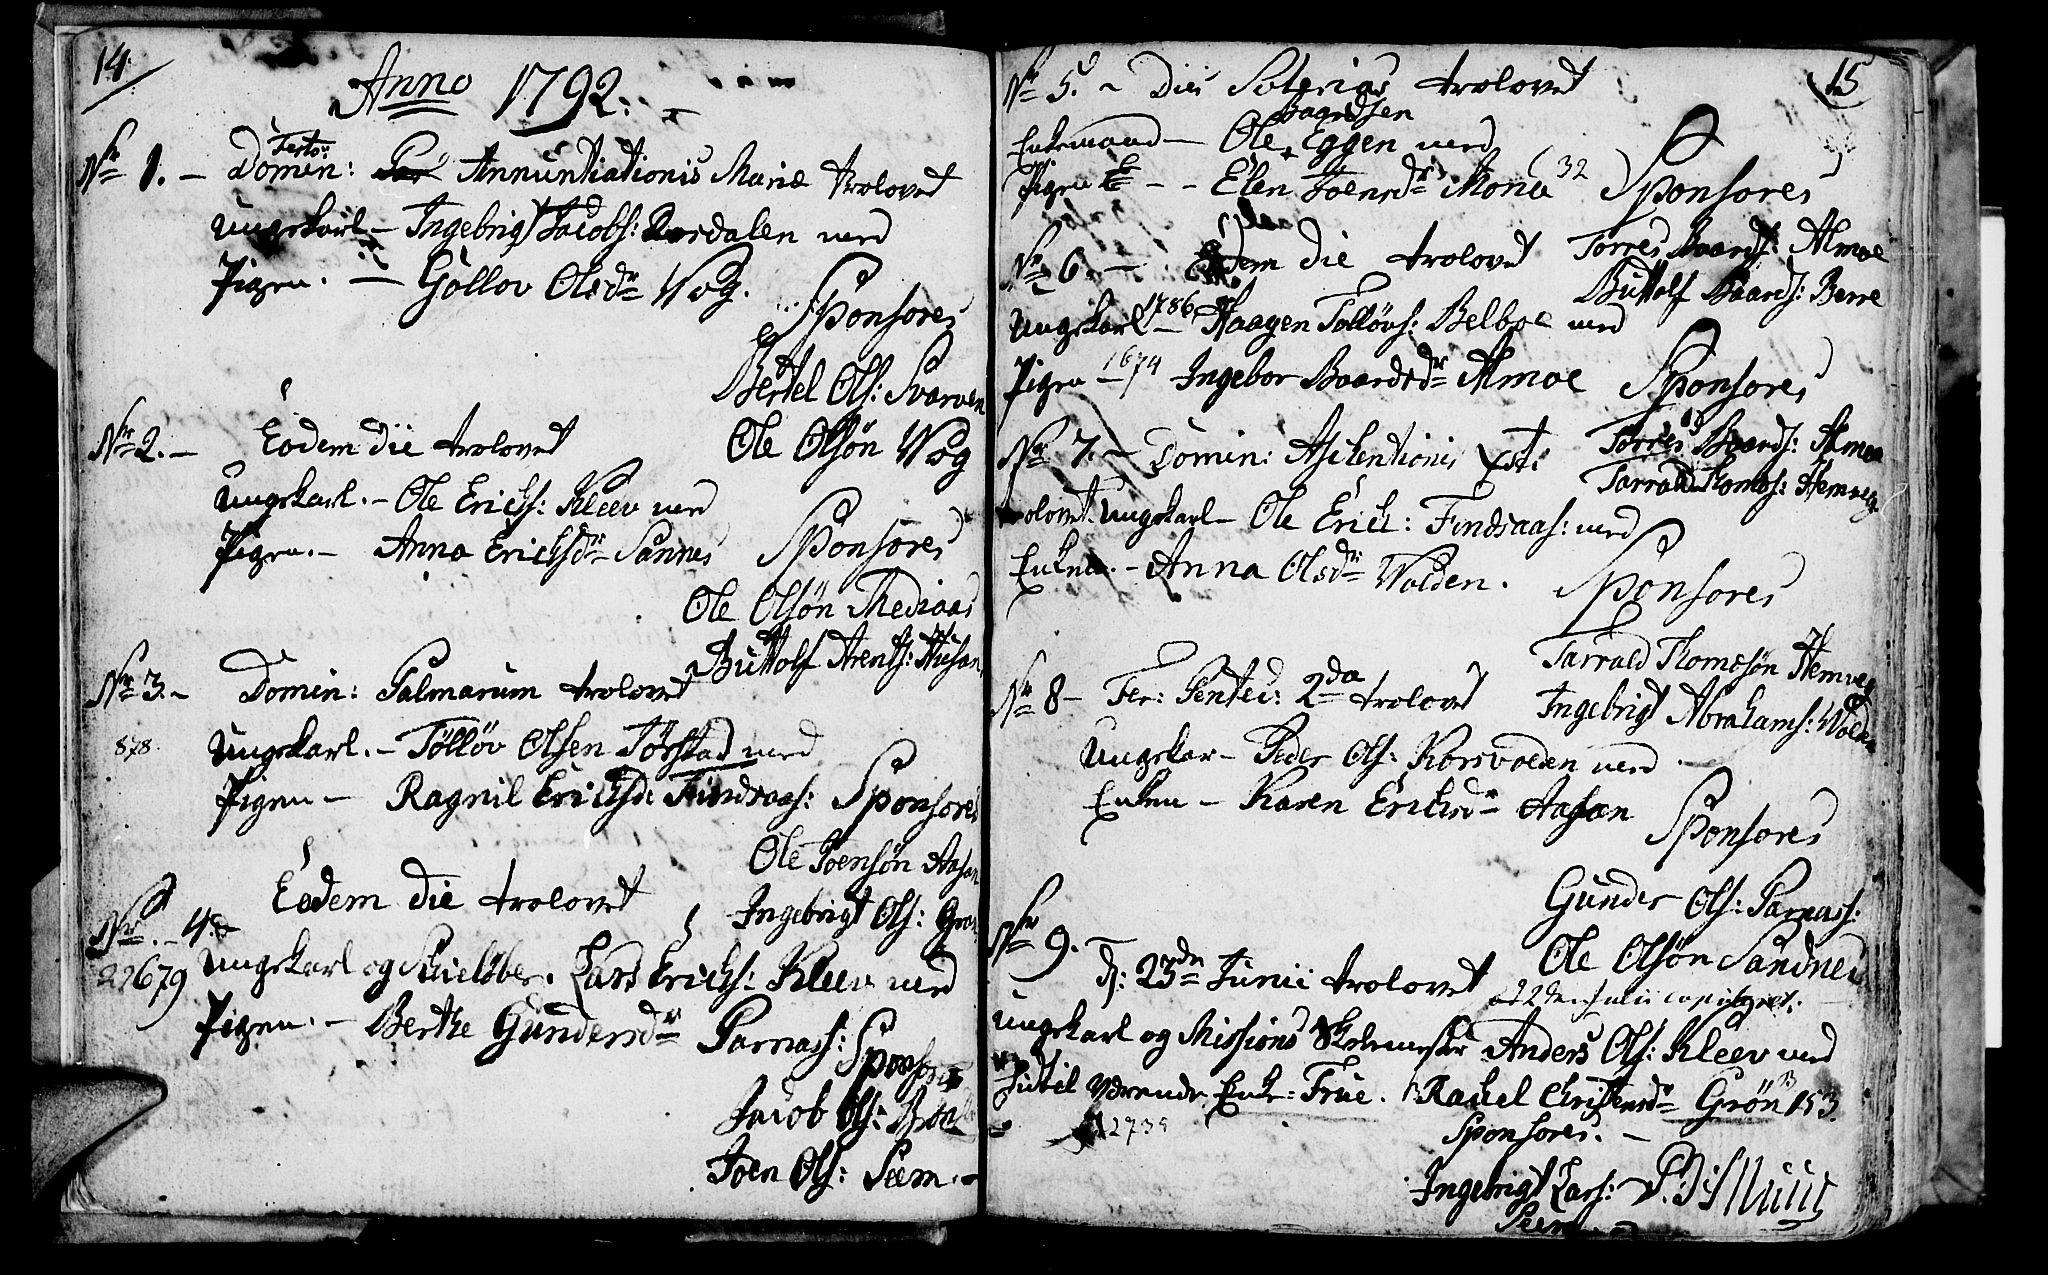 SAT, Ministerialprotokoller, klokkerbøker og fødselsregistre - Nord-Trøndelag, 749/L0468: Ministerialbok nr. 749A02, 1787-1817, s. 14-15